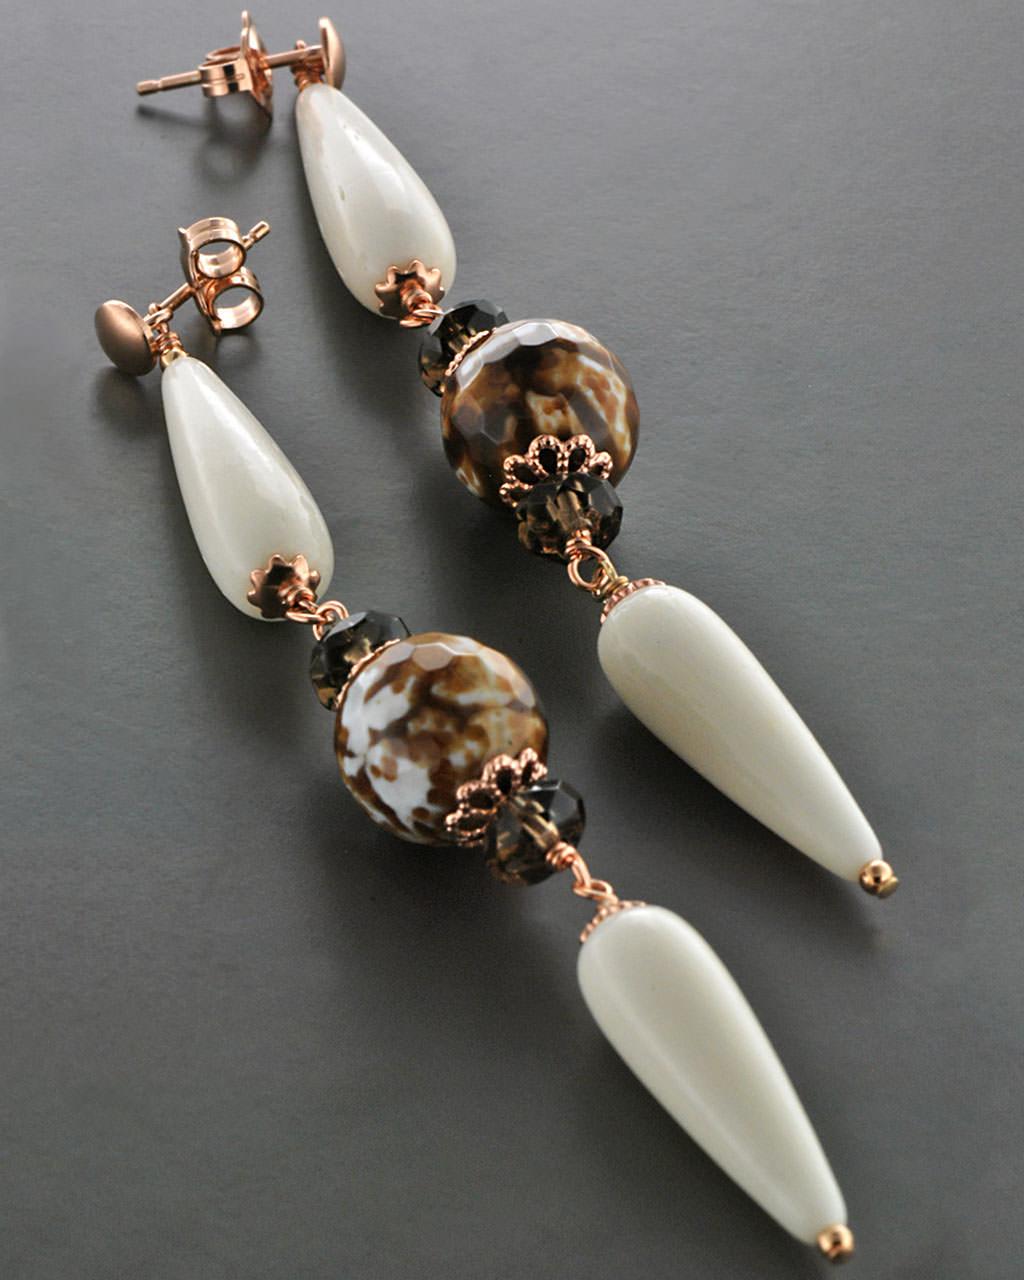 Σκουλαρίκια ασημένια 925 με Κόκκαλο & Αχάτη   γυναικα σκουλαρίκια σκουλαρίκια ημιπολύτιμοι λίθοι